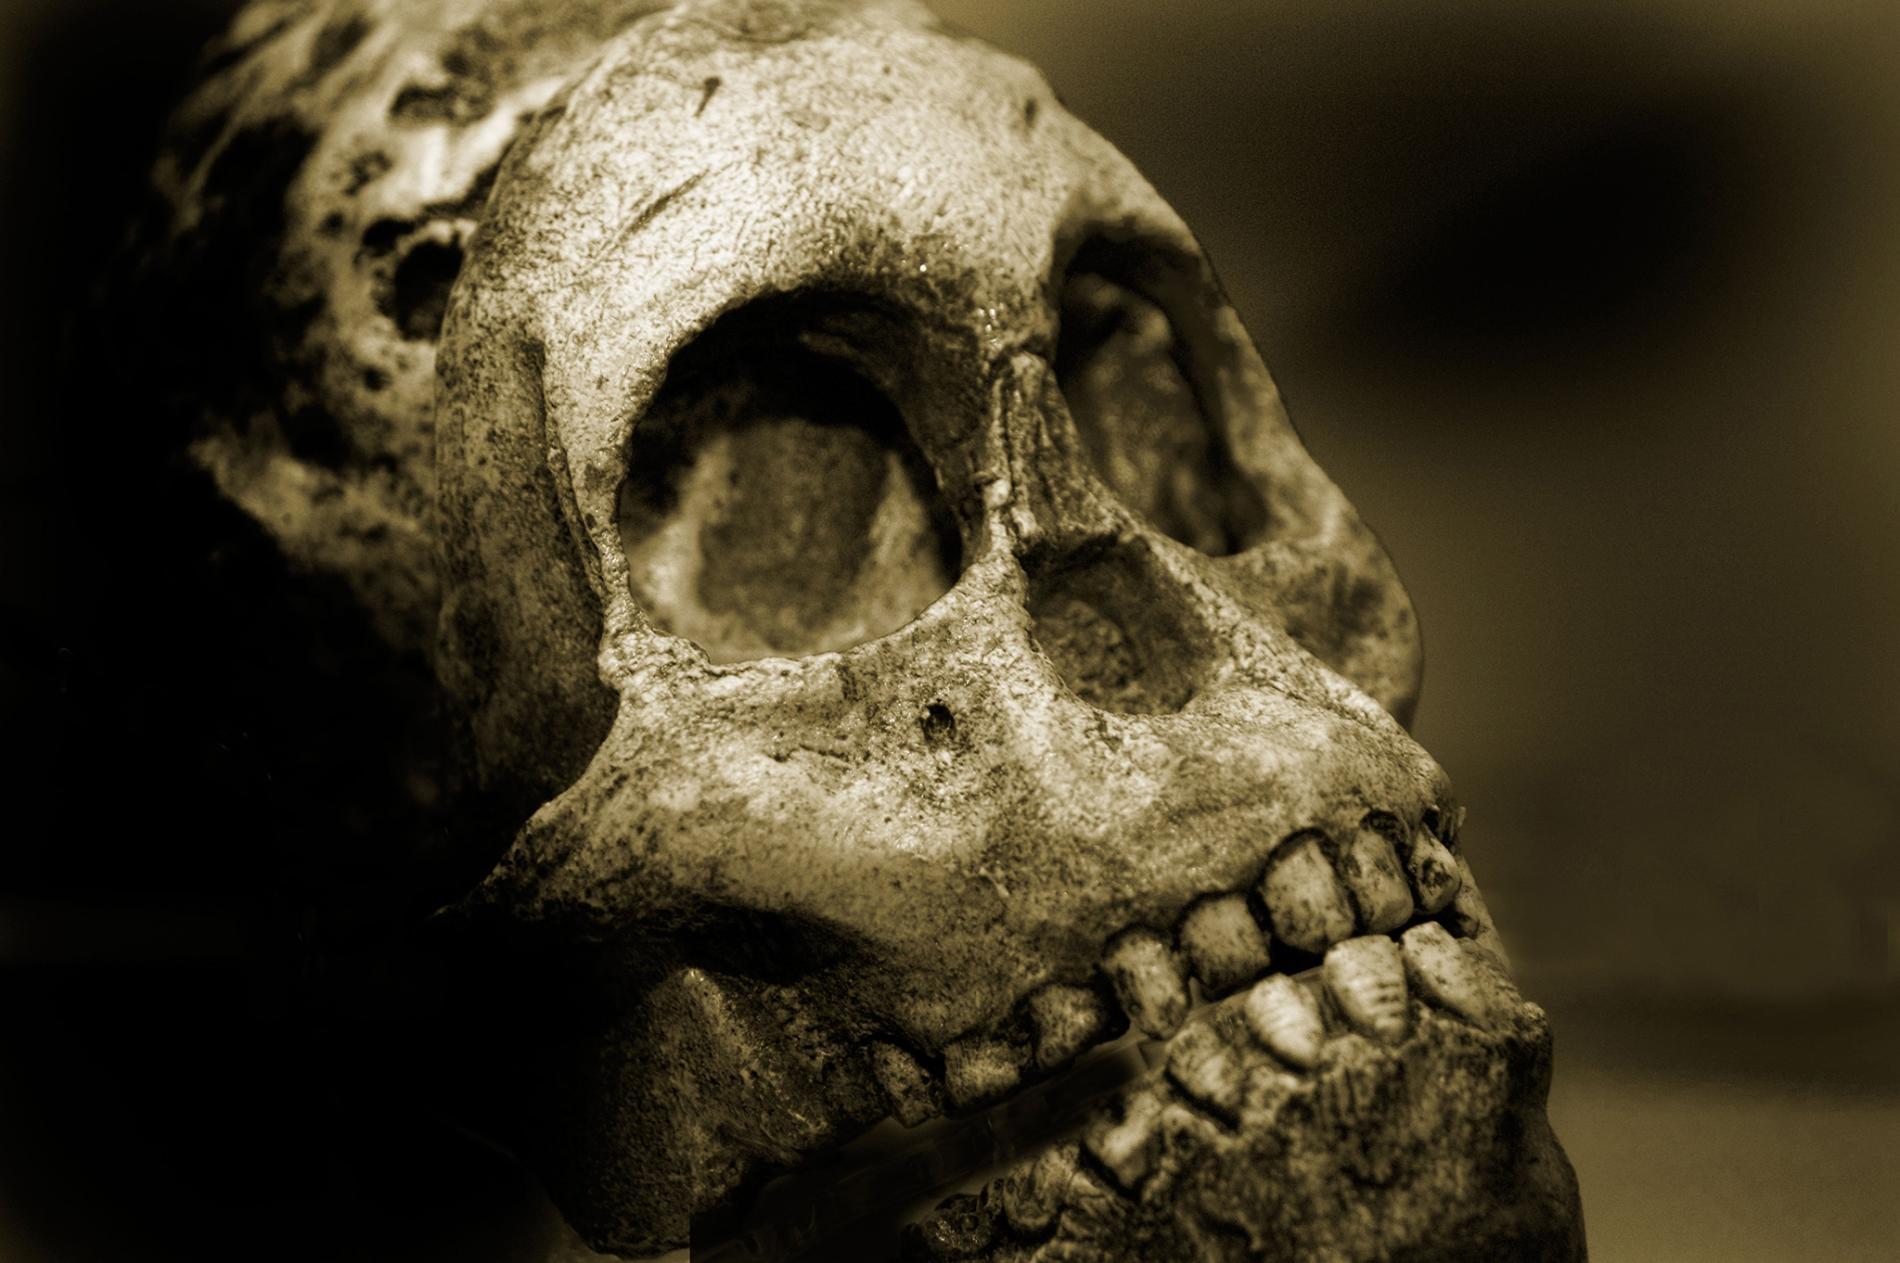 在各種人類物種歷史的大部分時間裡,咀嚼食物造成的牙齒磨損導致齒列與顎骨沿著齒緣對齊,例如照片中這顆尼安德塔(Neanderthal)男性的顱骨。PHOTOGRAPH BY LIGHTREIGN, ALAMY